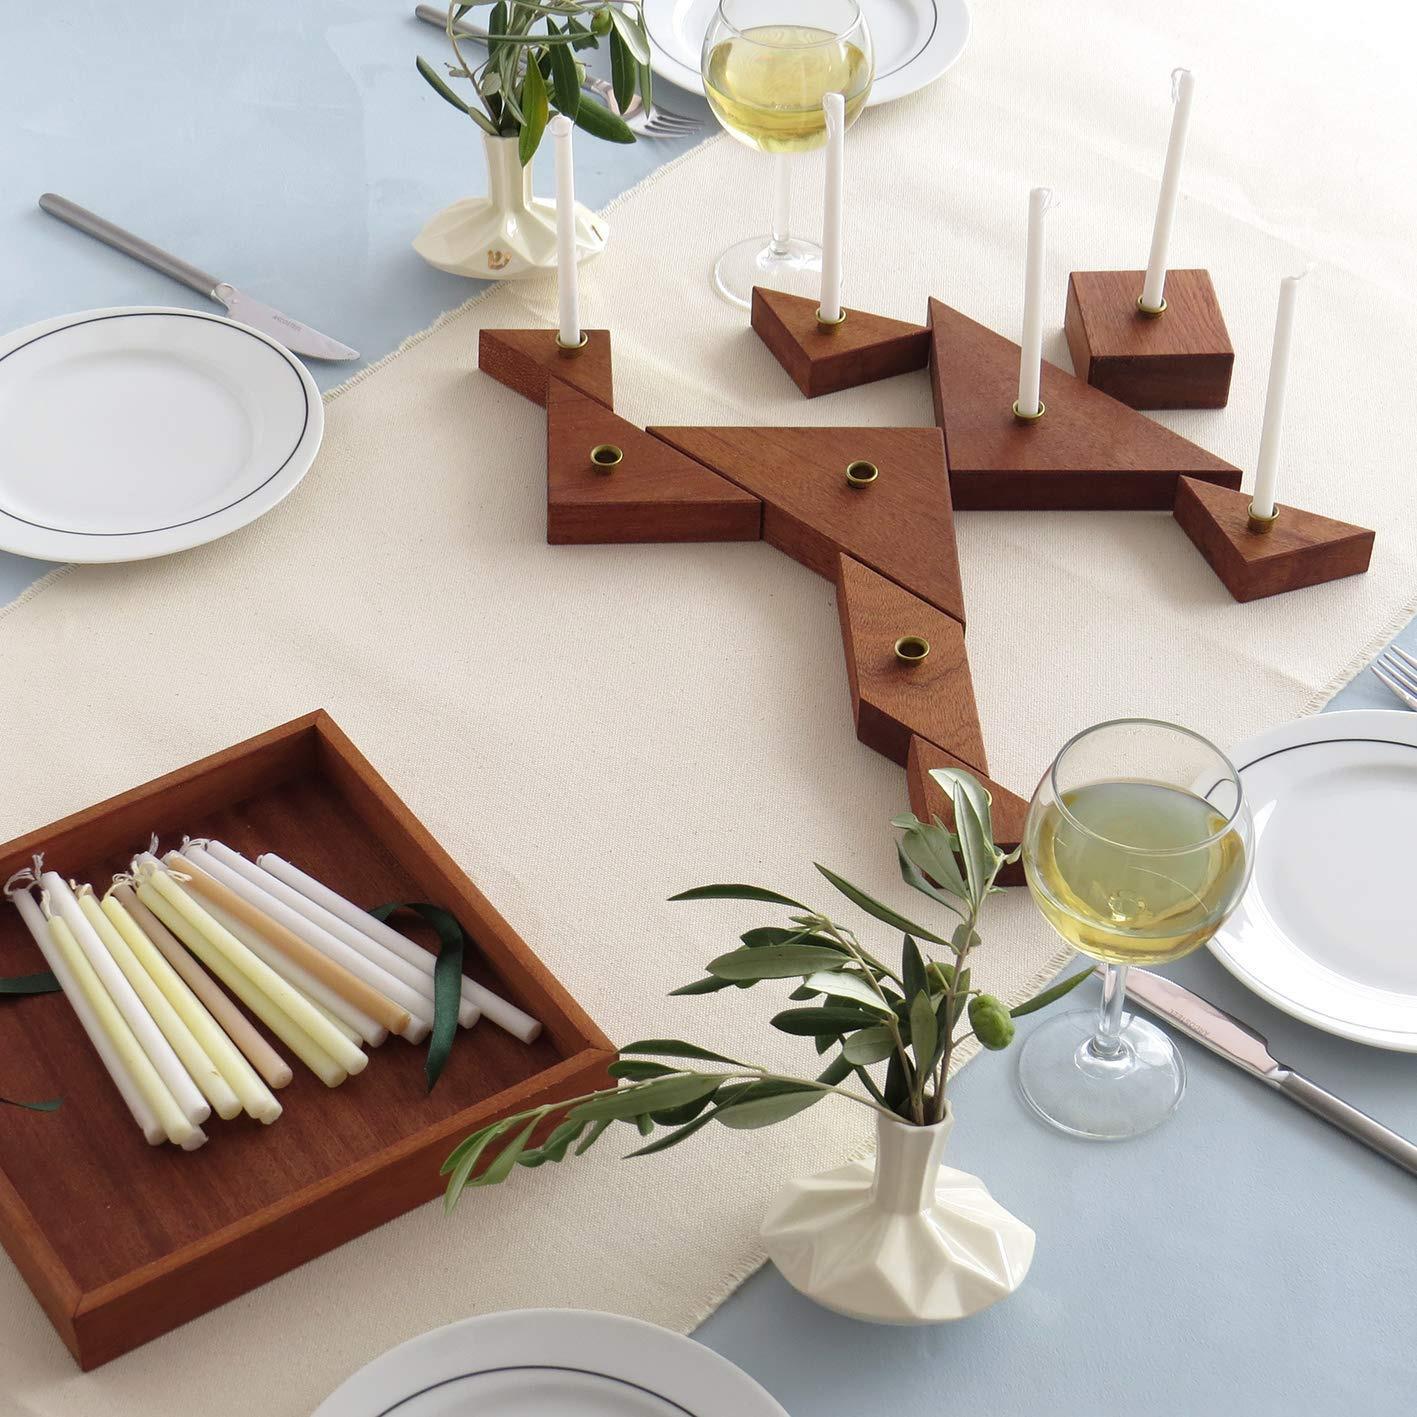 Tangram Chanukah Menorah - Modular Hanukkah Puzzle Wooden Chanukiah Handmade of Mahogany